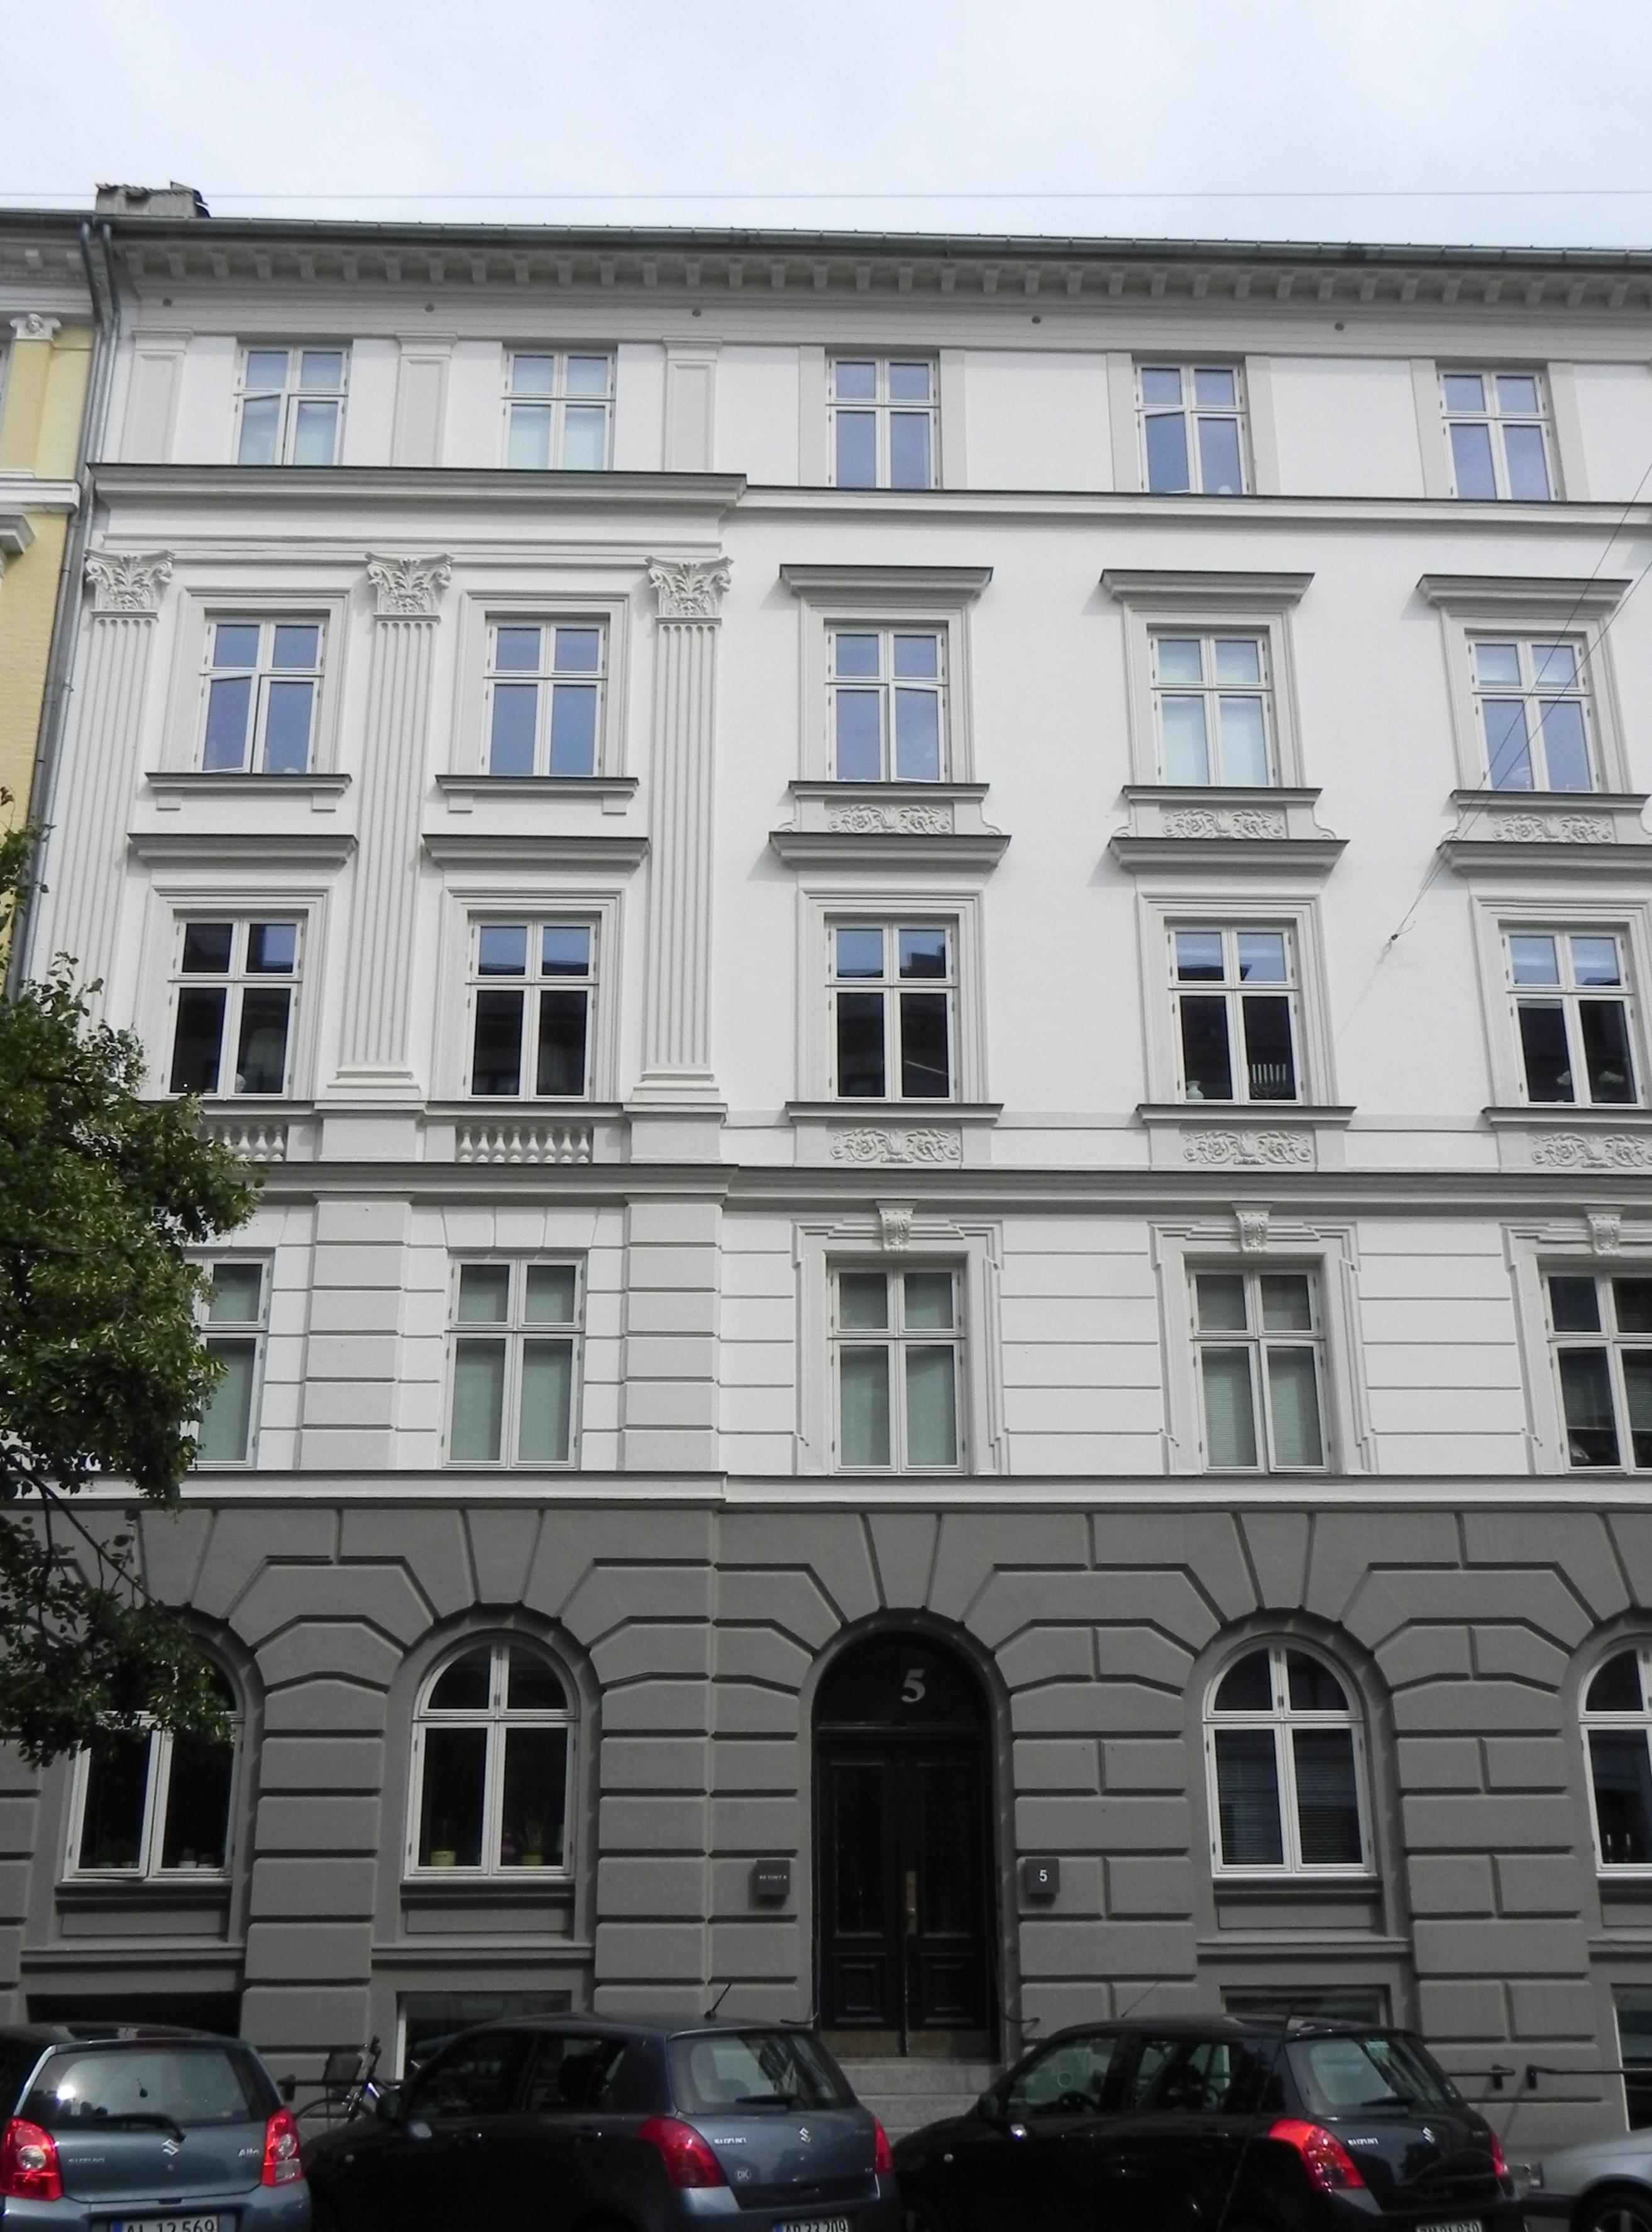 cort-adelers-gade-5-7-6